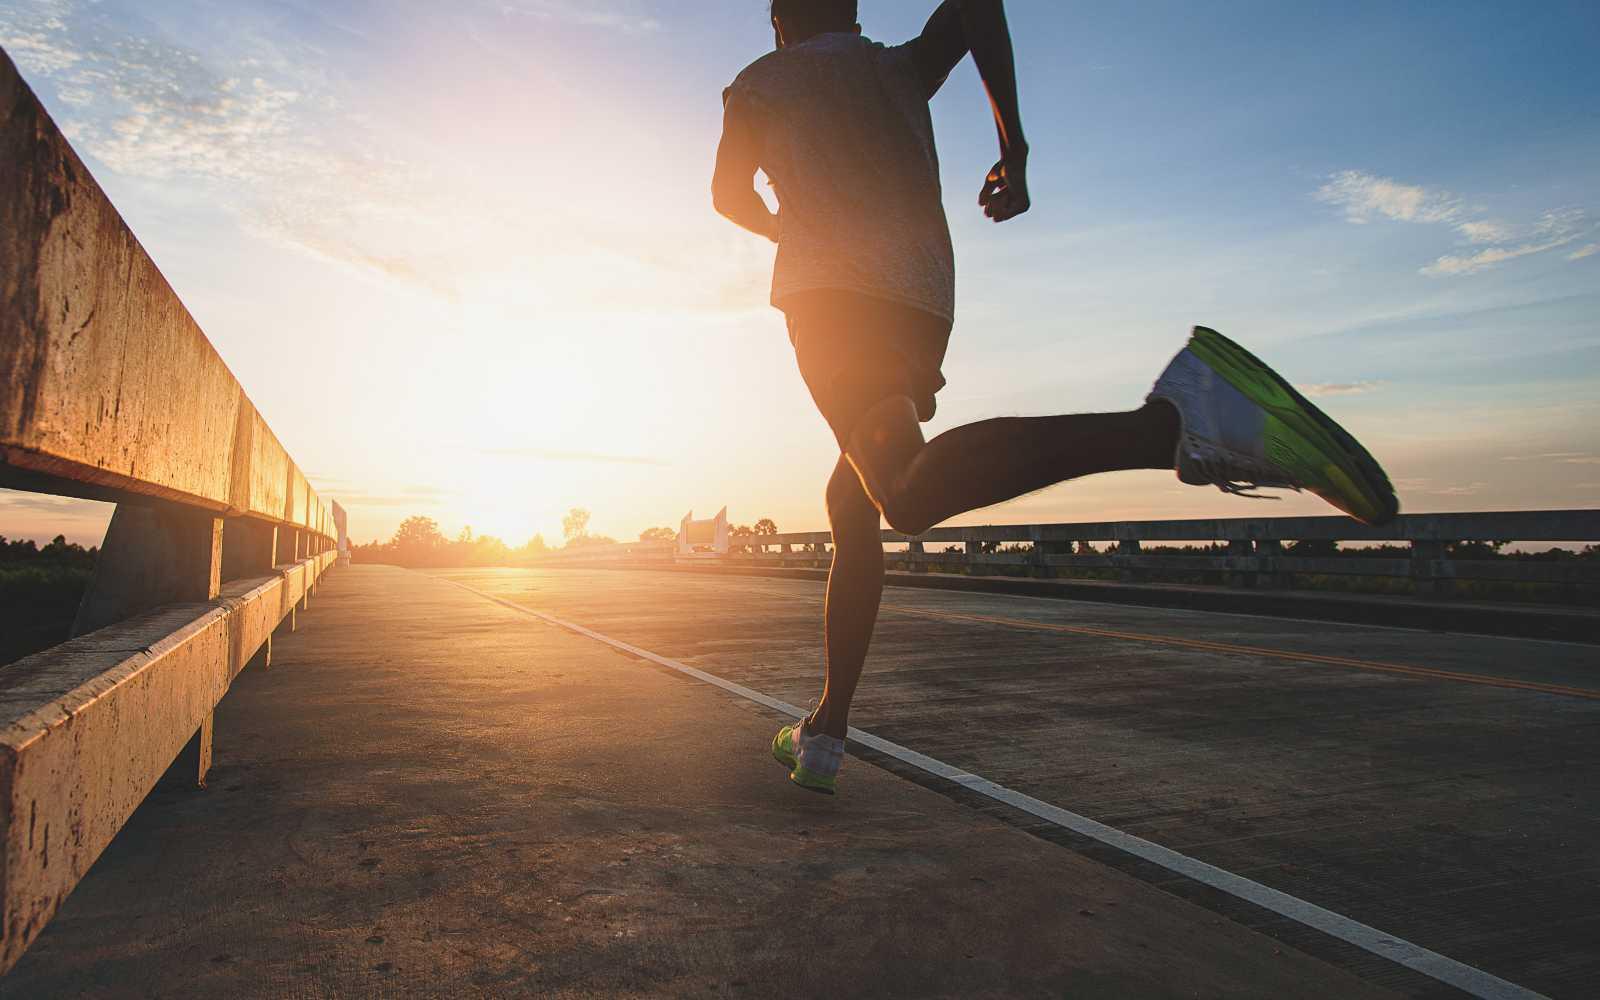 runner corre su strada all'alba